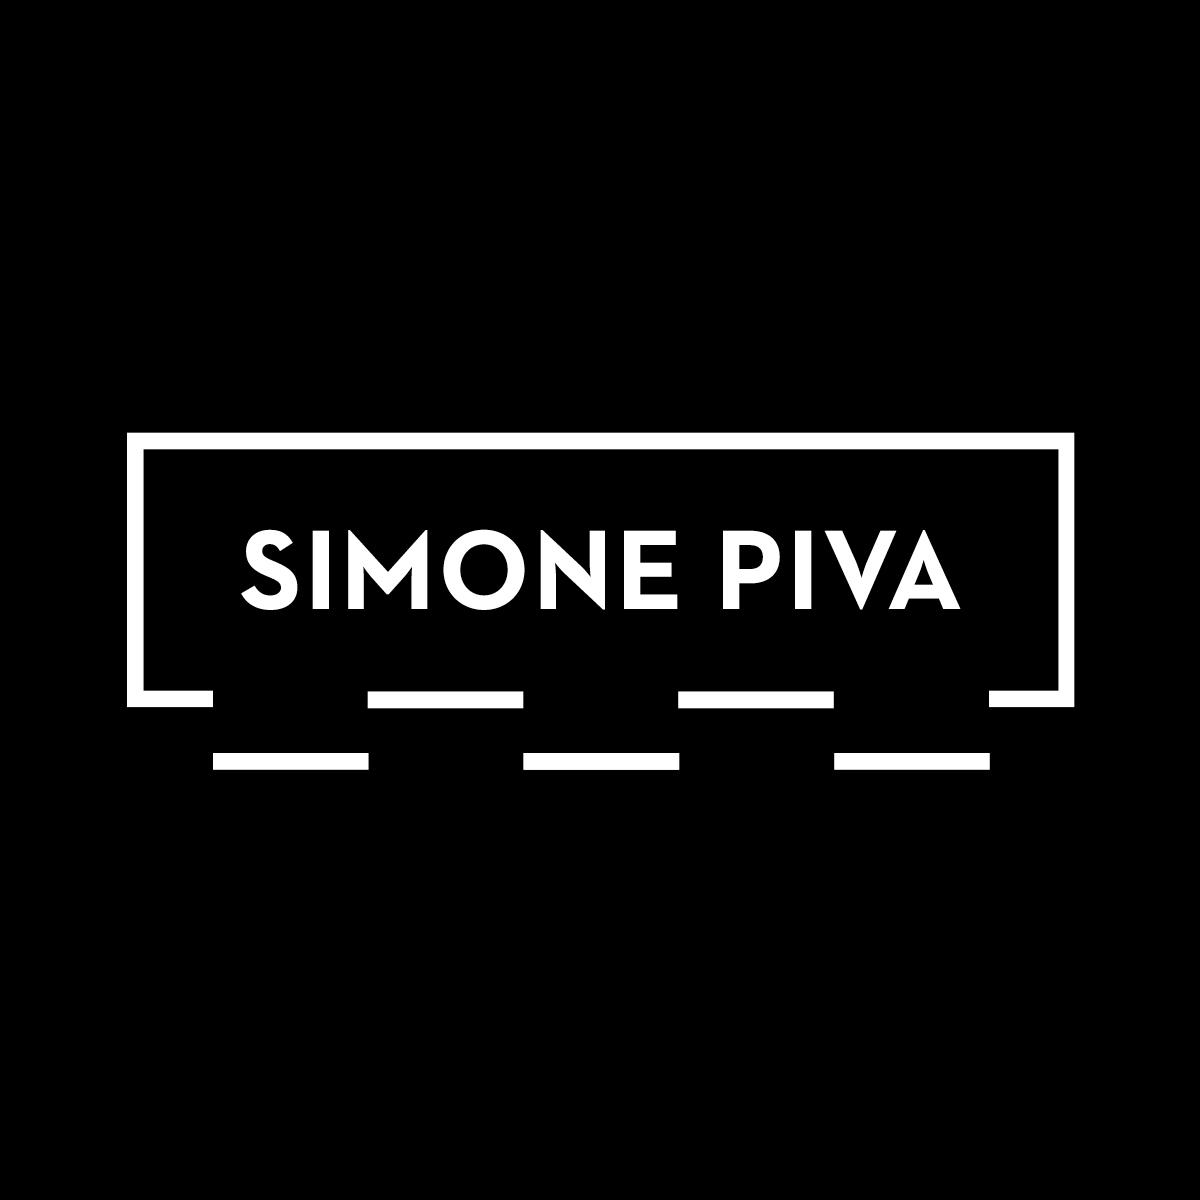 Simone-Piva